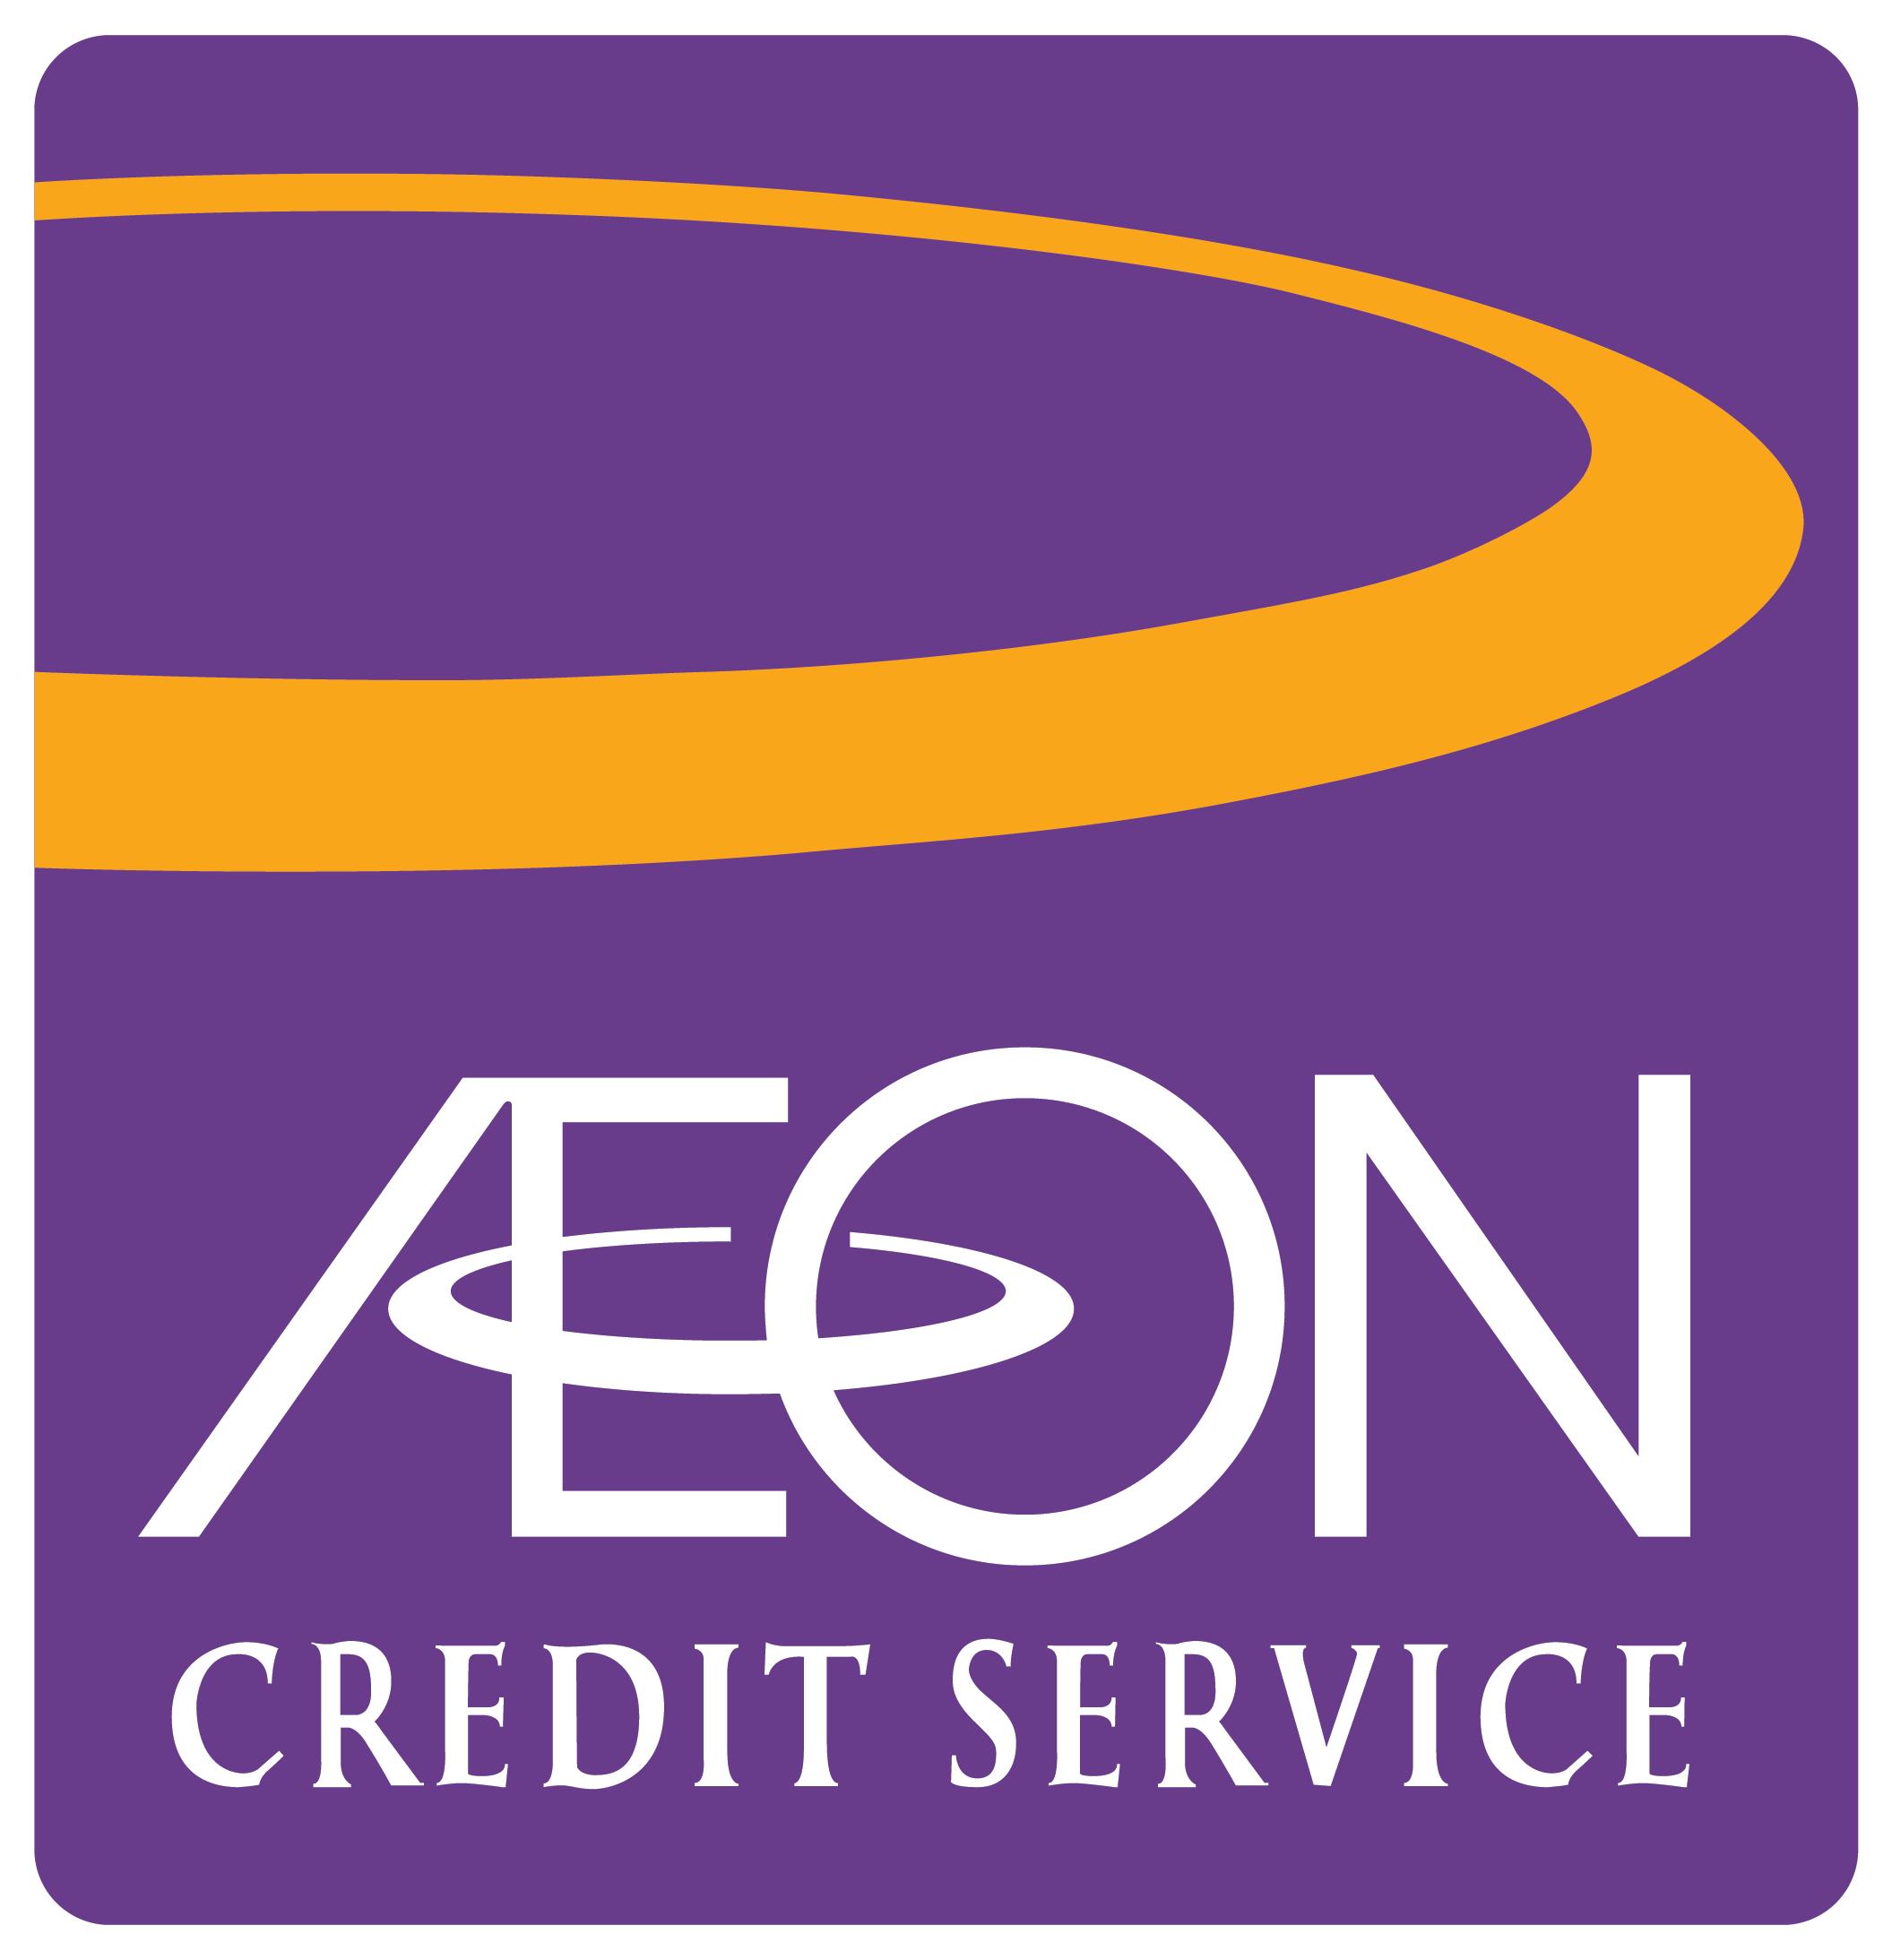 LOGO AEON - Talent Acquisition